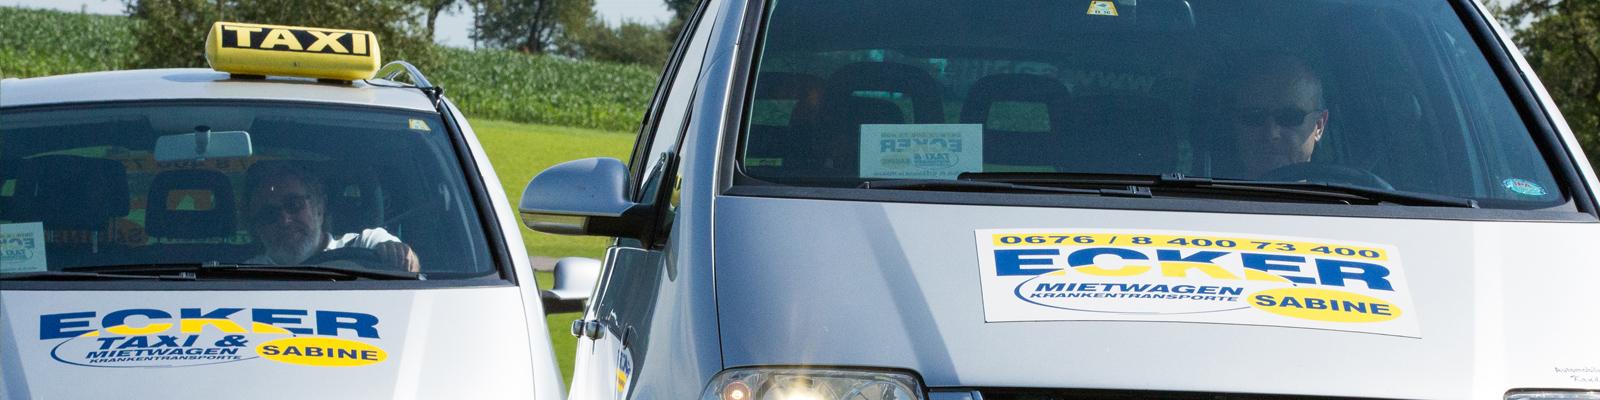 Taxiunternehmen Sabine Ecker, Mühlviertel